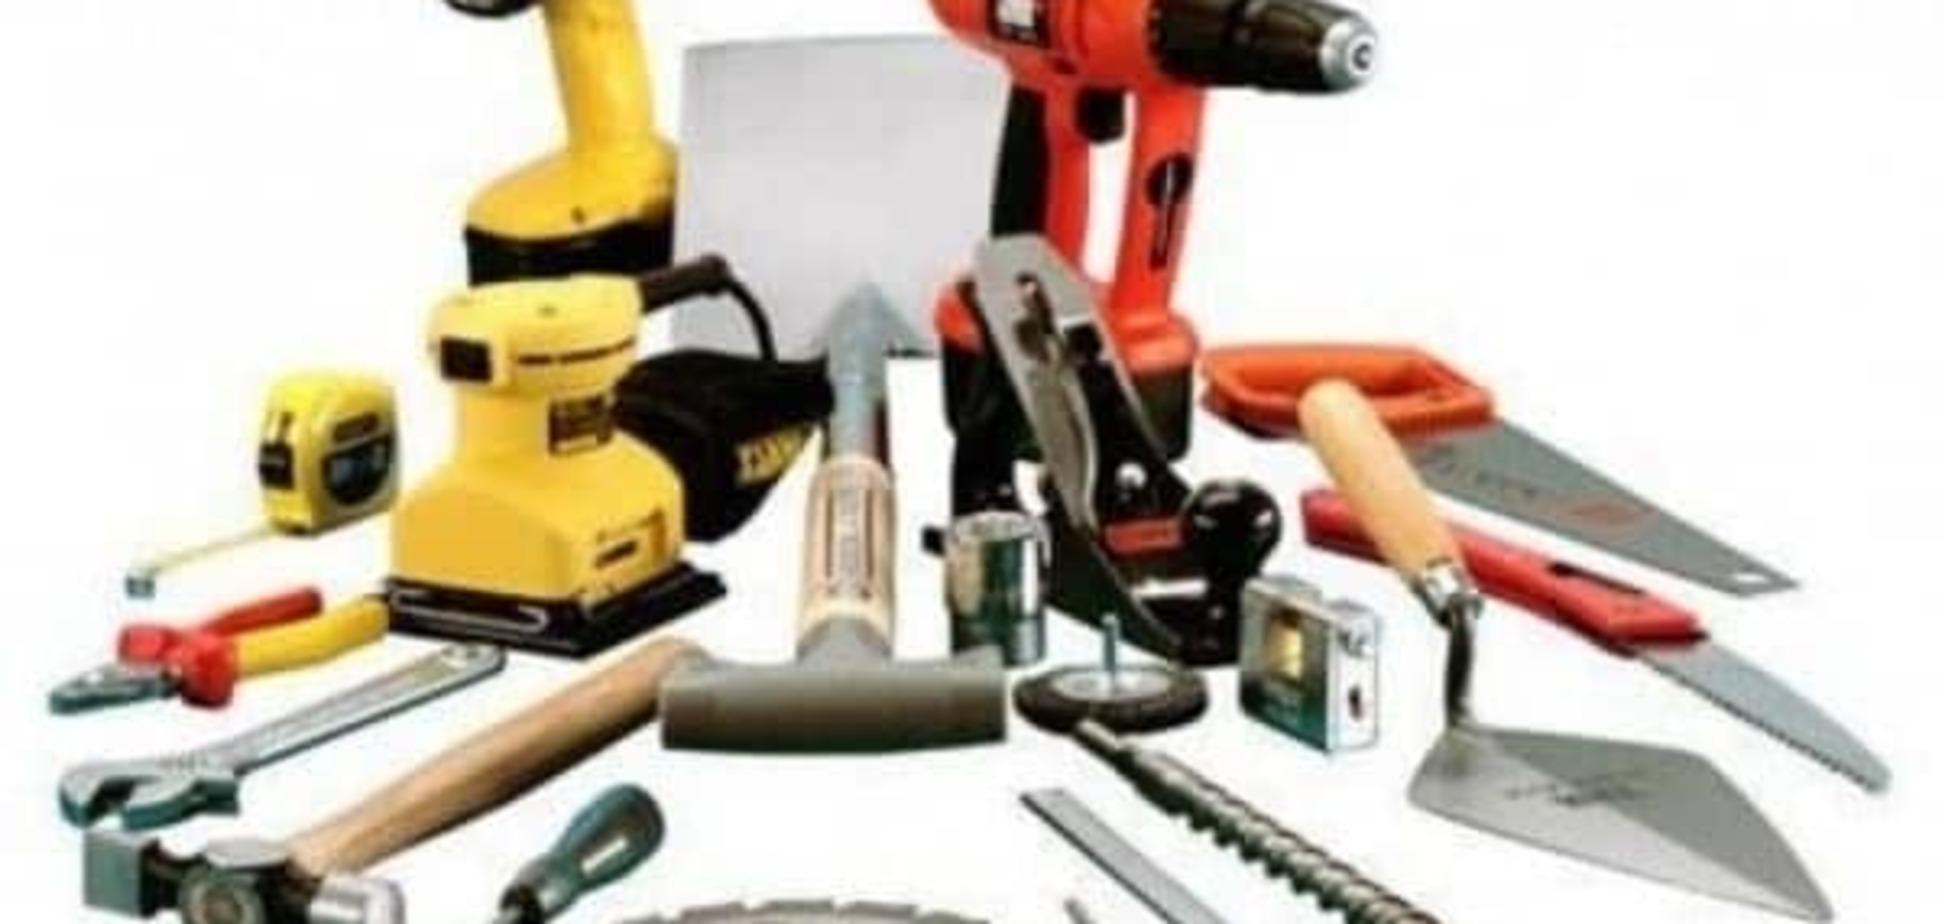 Что должно быть в ящике с инструментами  у каждого мужчины?